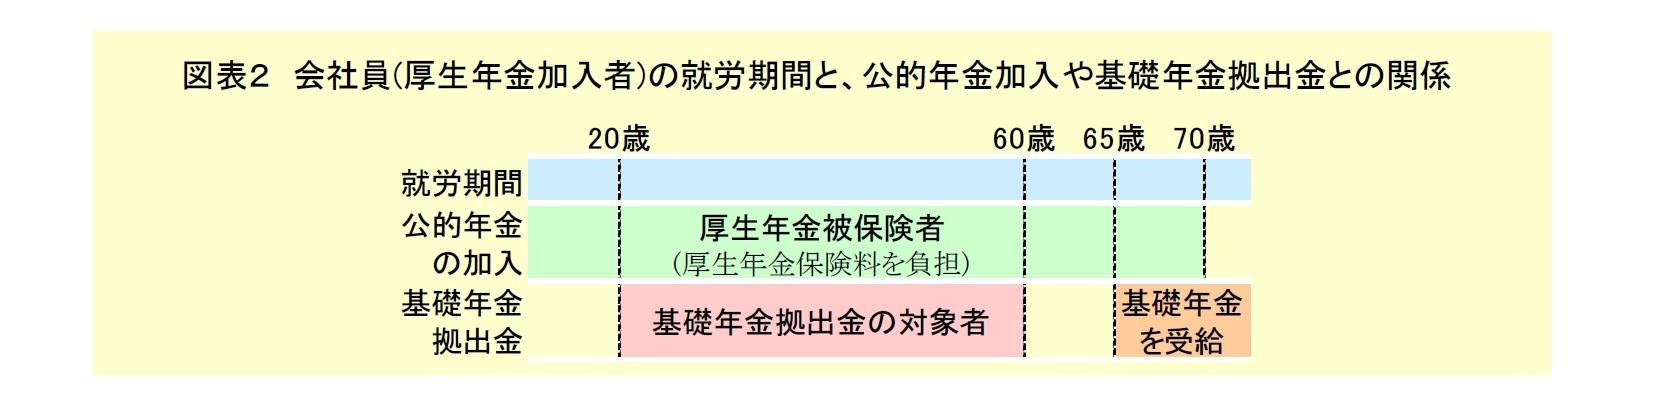 図表2:会社員の就労期間と公的年金加入や基礎年金拠出金との関係